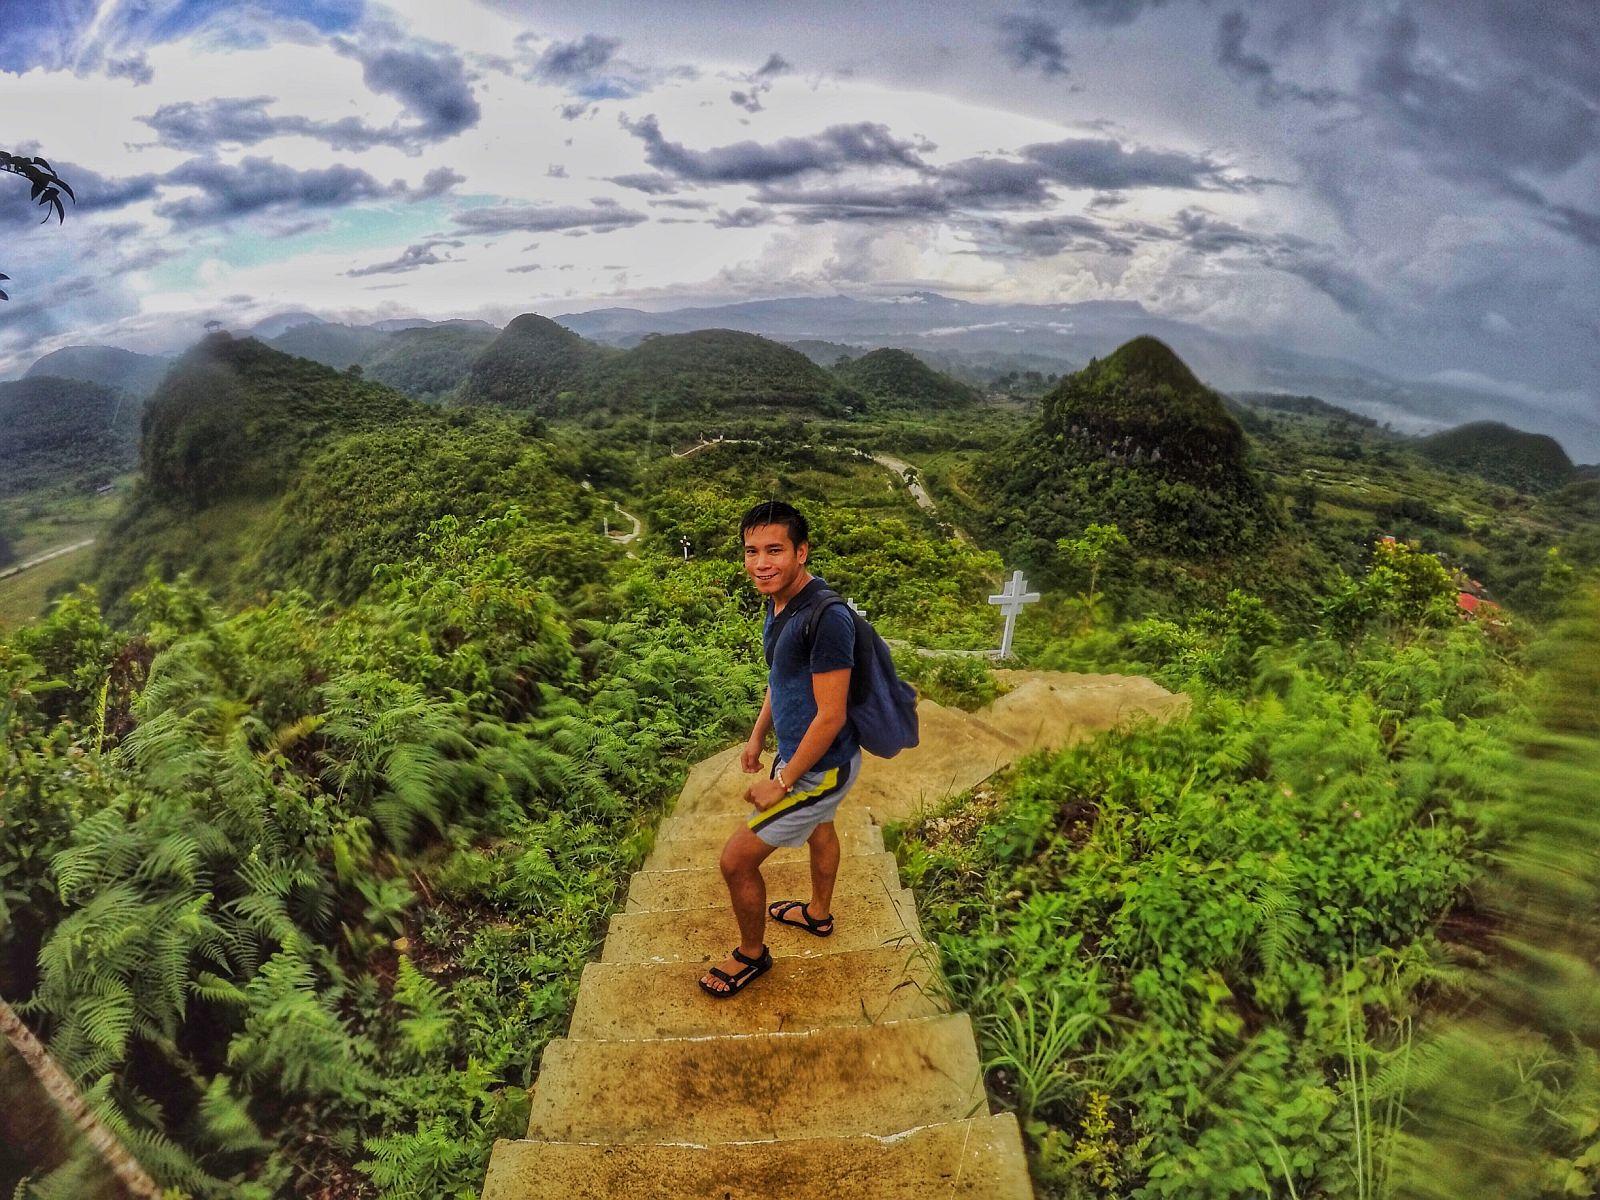 PHILIPPINEN REISEN - ORTE - NEGROS ORIENTAL - Touristische Beschreibung für den Ort Guihulngan